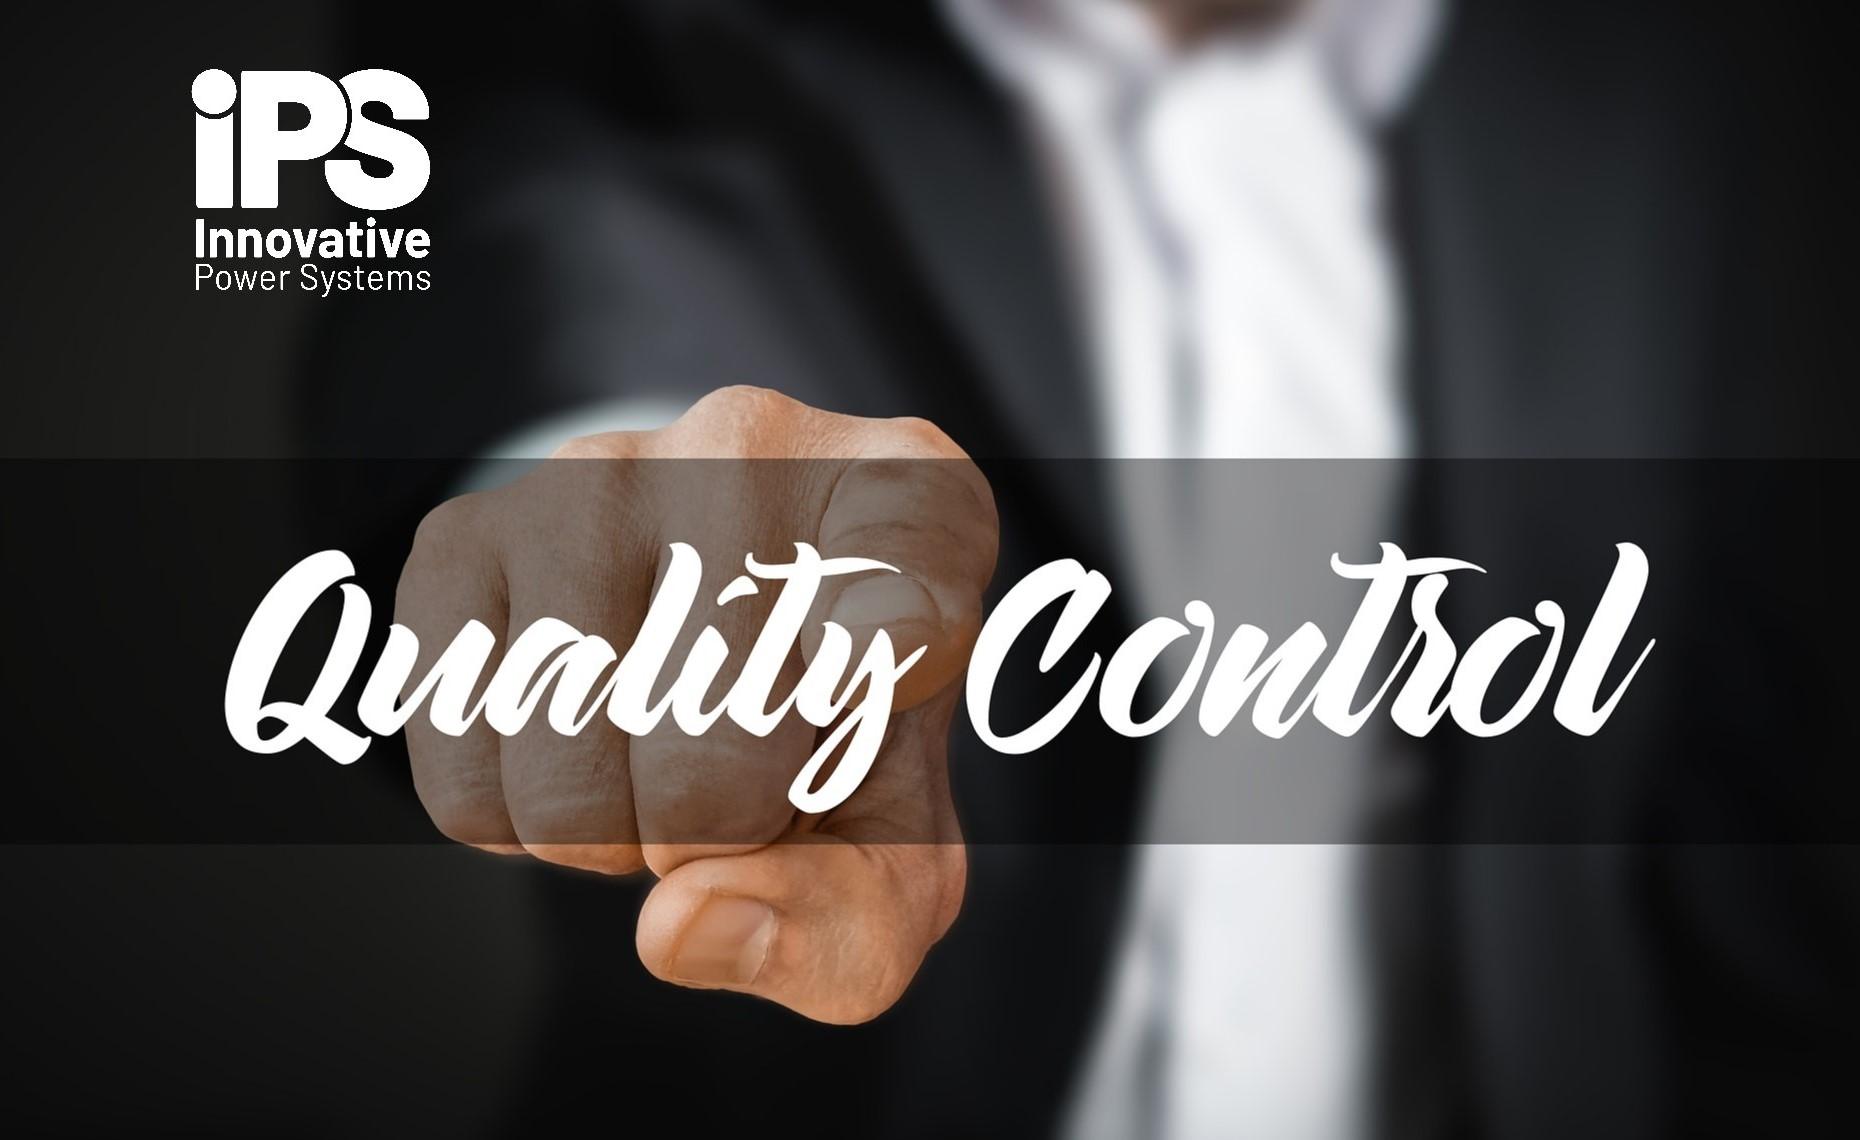 IPS, update of standard ISO 9001 image